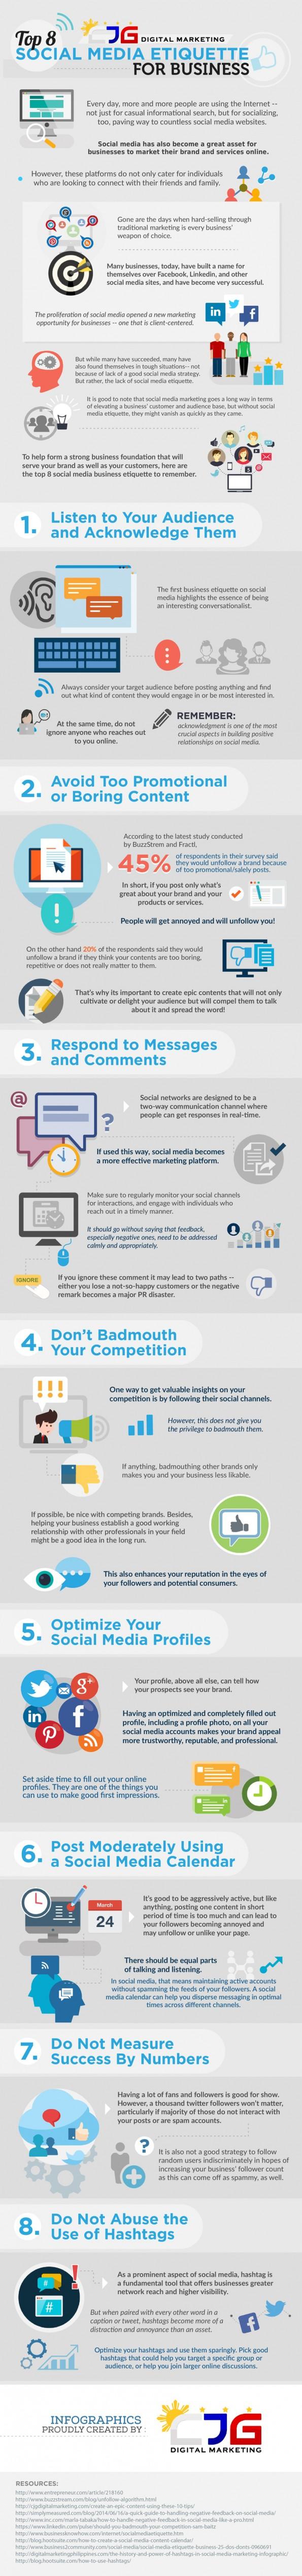 etiquette voor zakelijk social mediagebruik - 8 tips - infographic